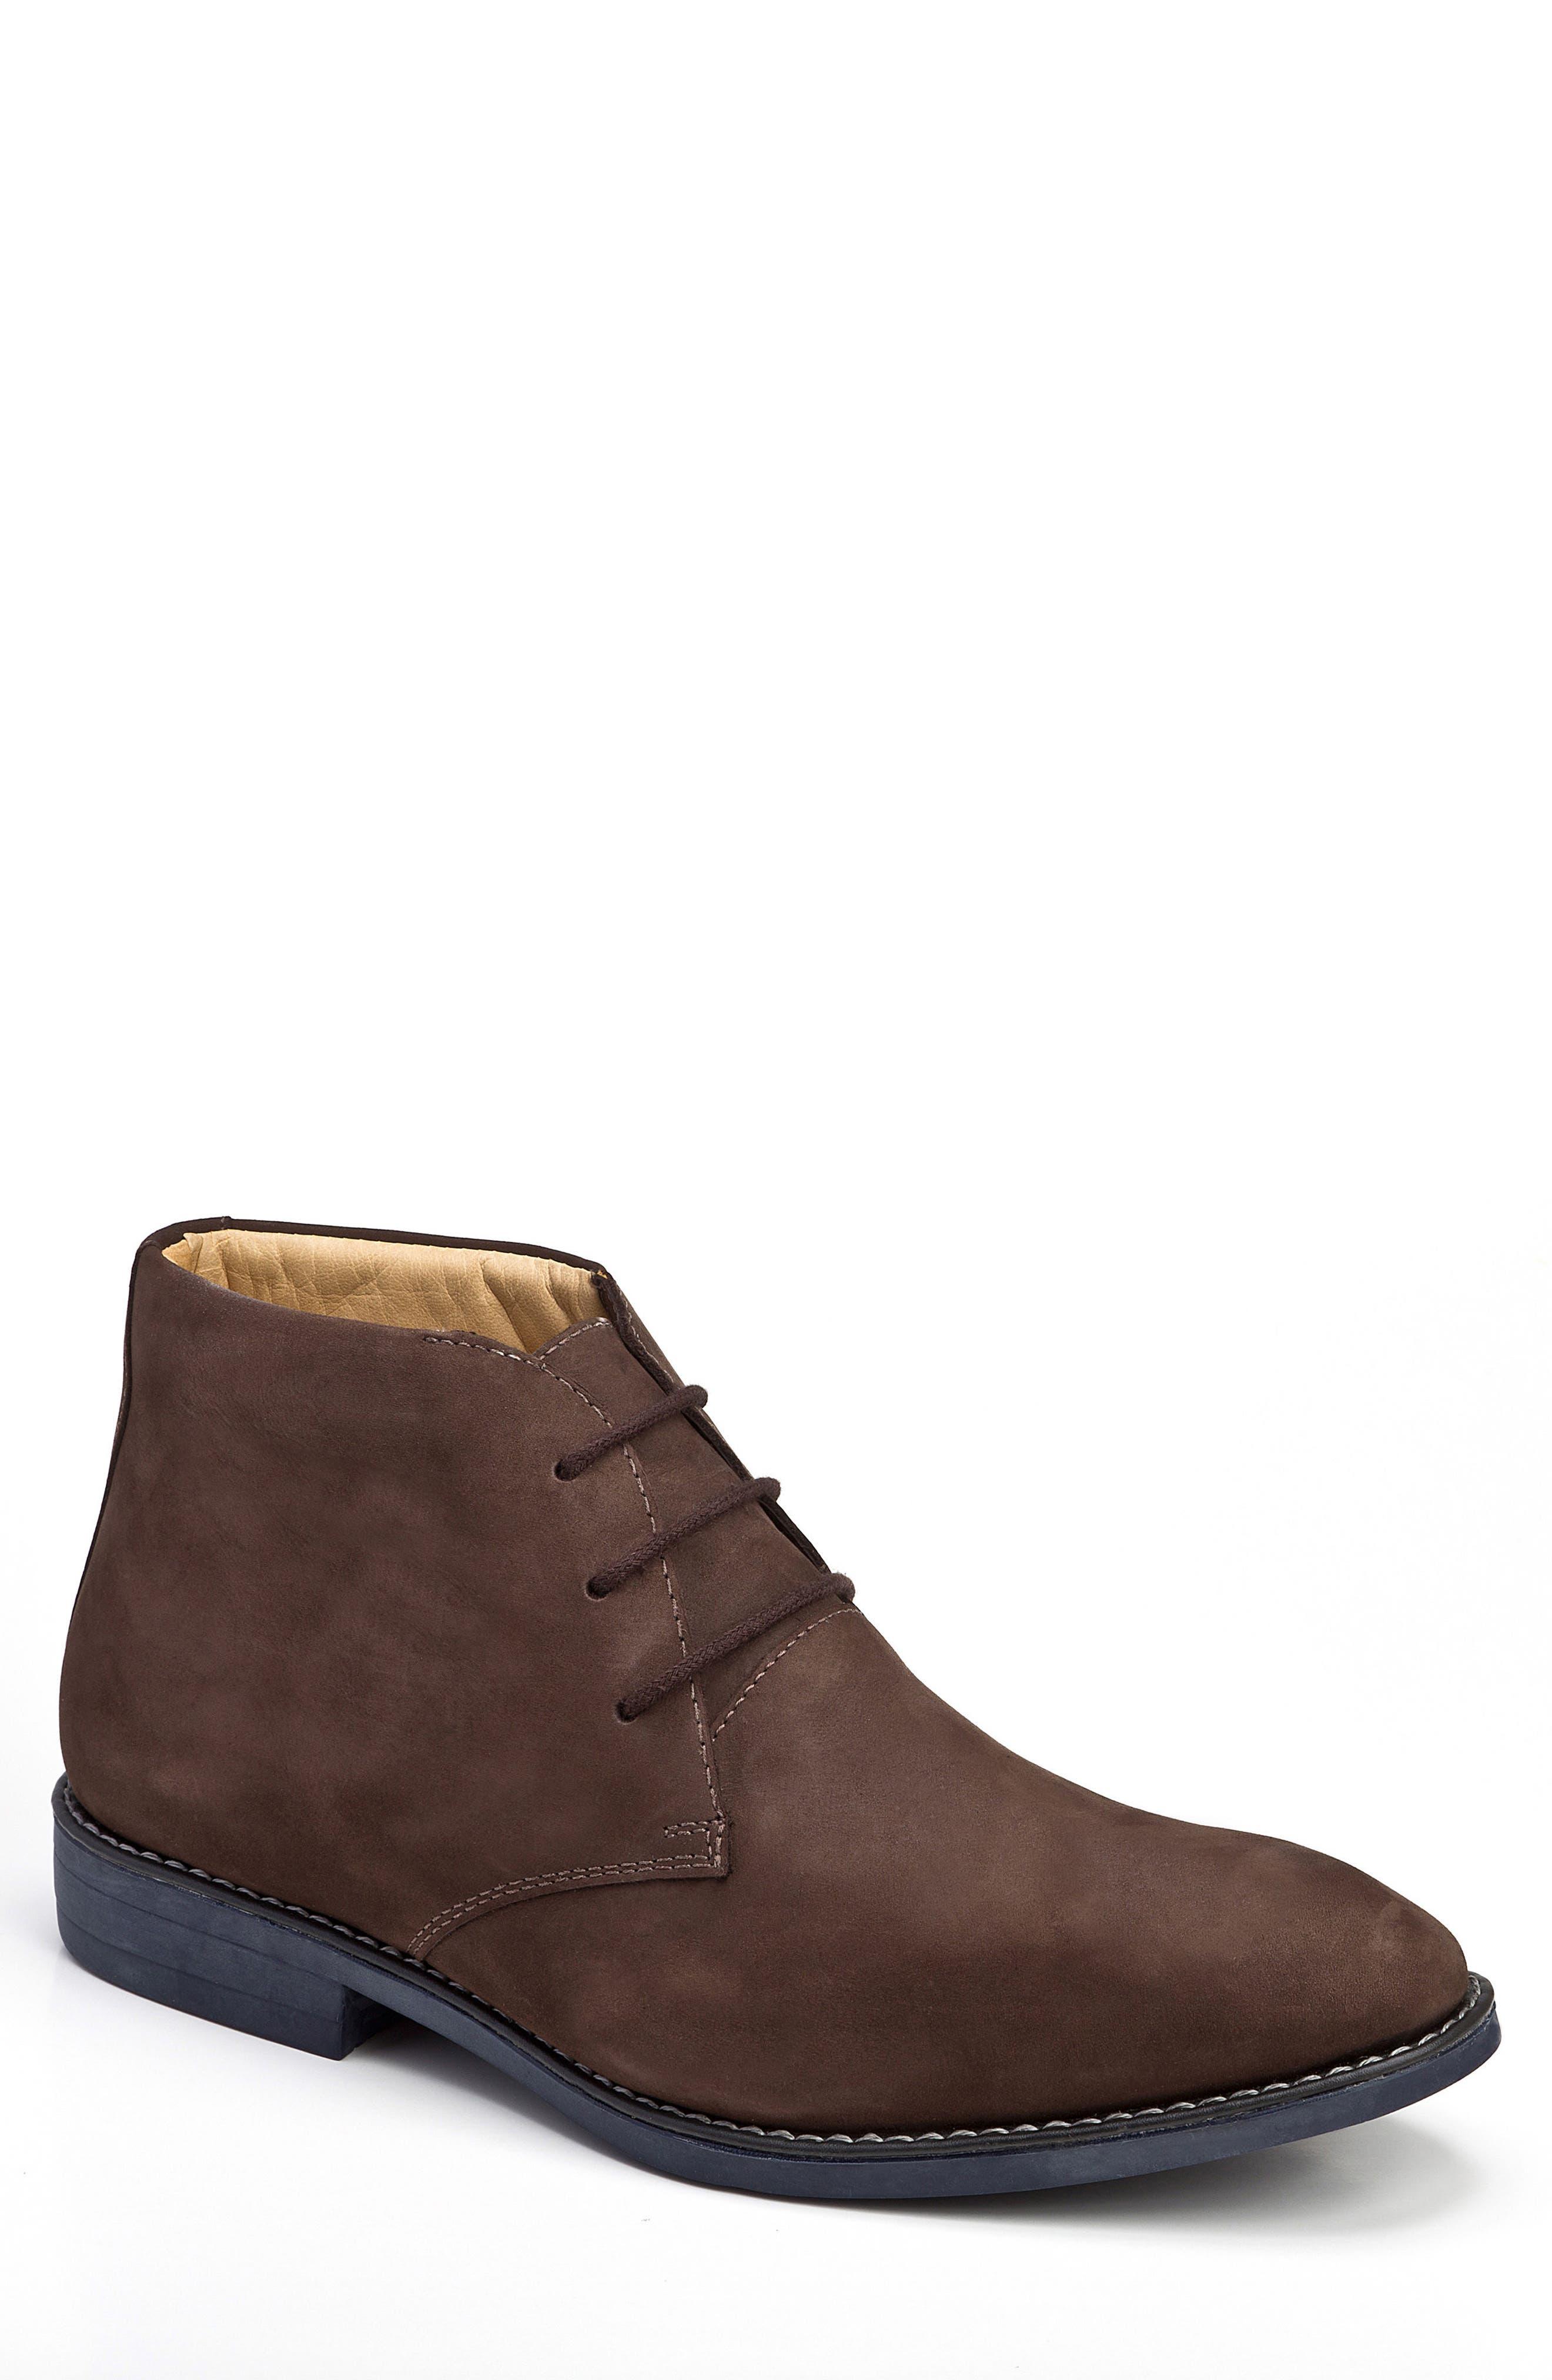 Nick Chukka Boot,                         Main,                         color, Brown Nubuck Leather